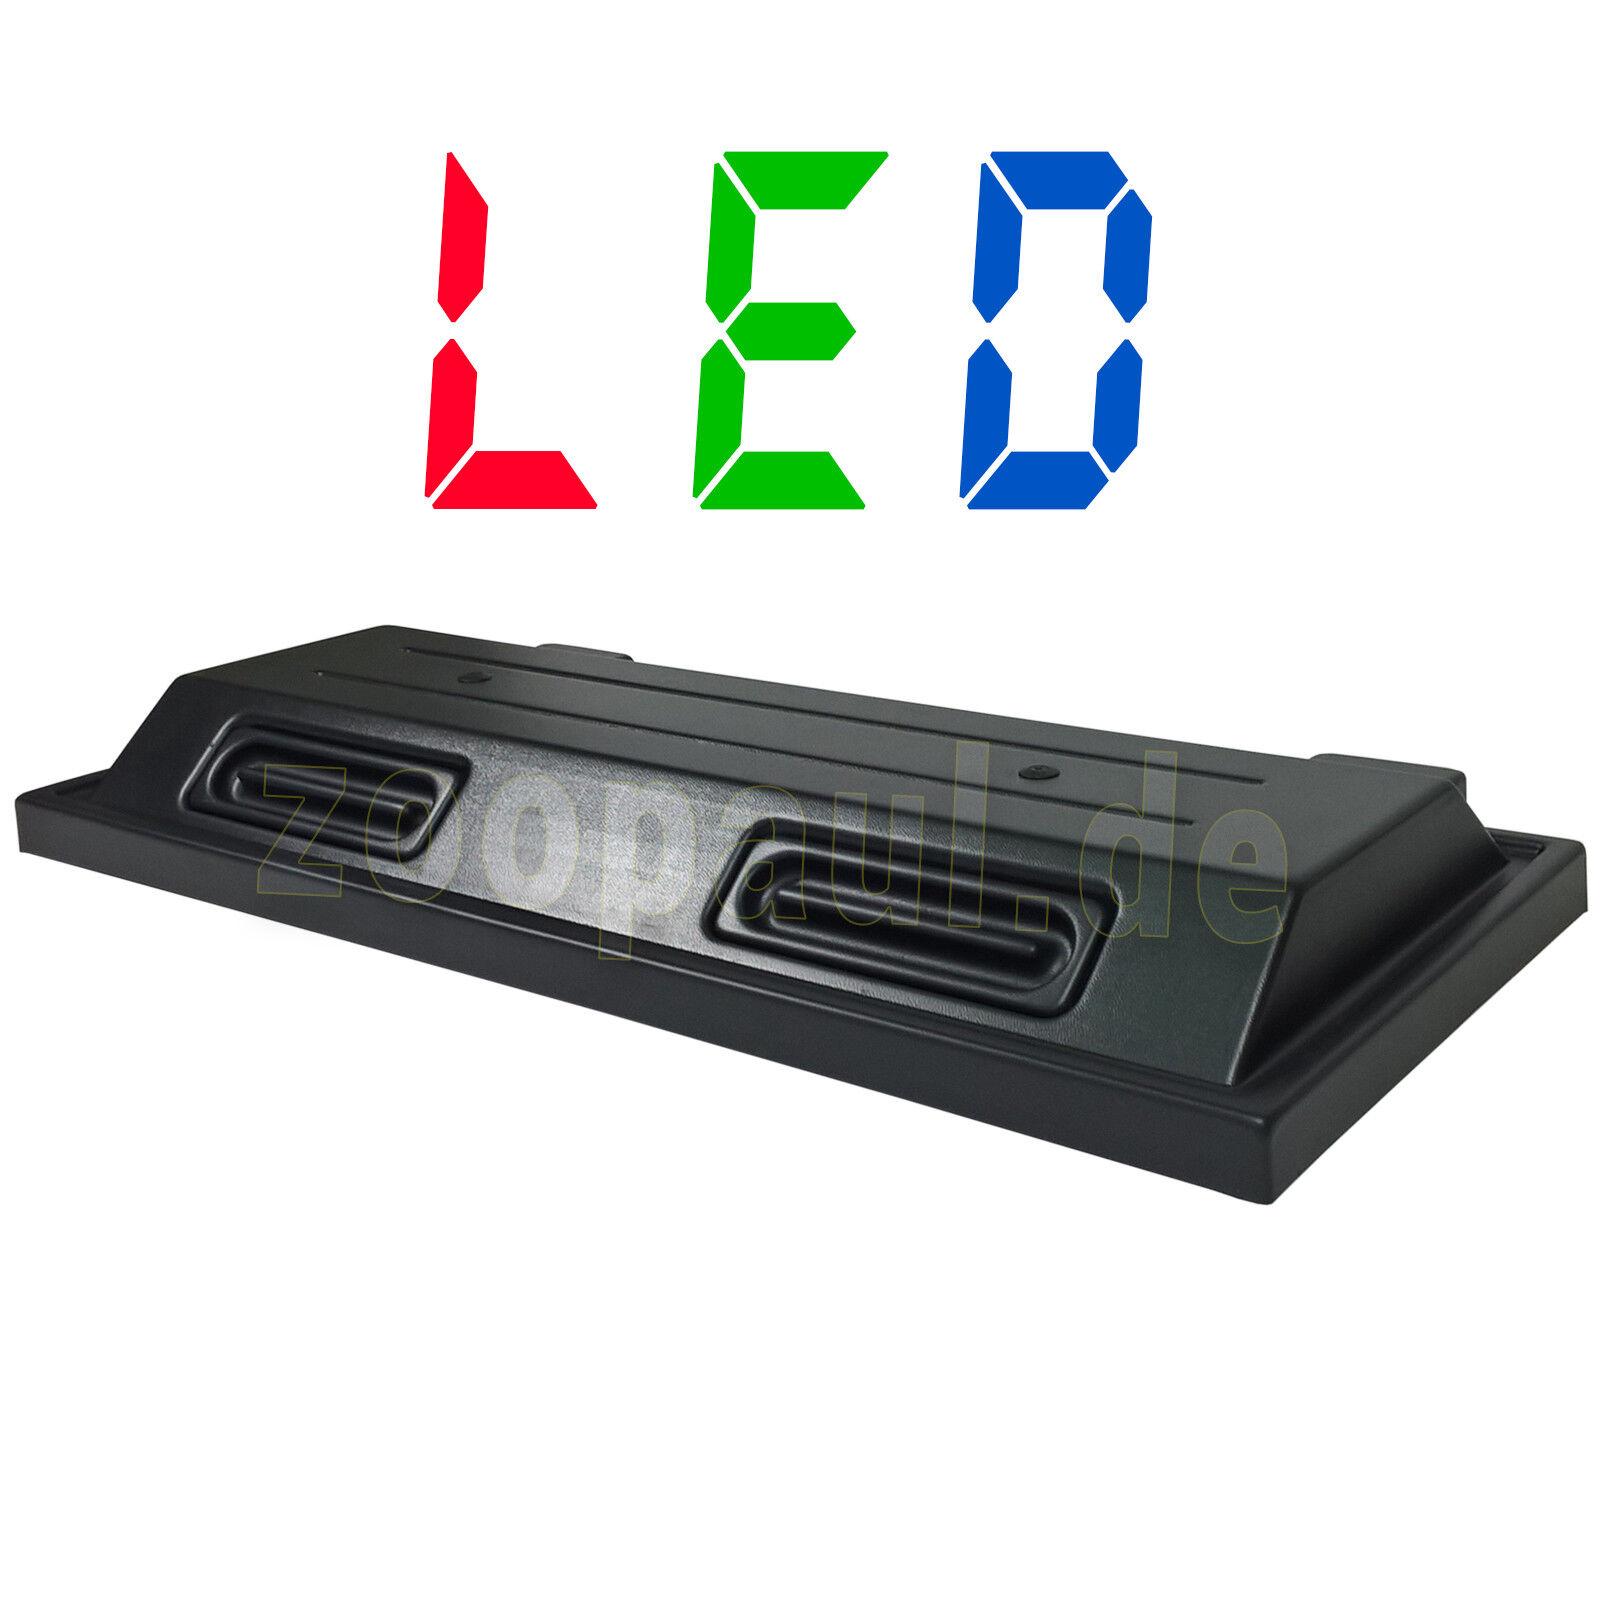 LED 80x35 cm Aquarium Terrarium Abdeckung Beleuchtung Deckel schwarz Sparsam Rio